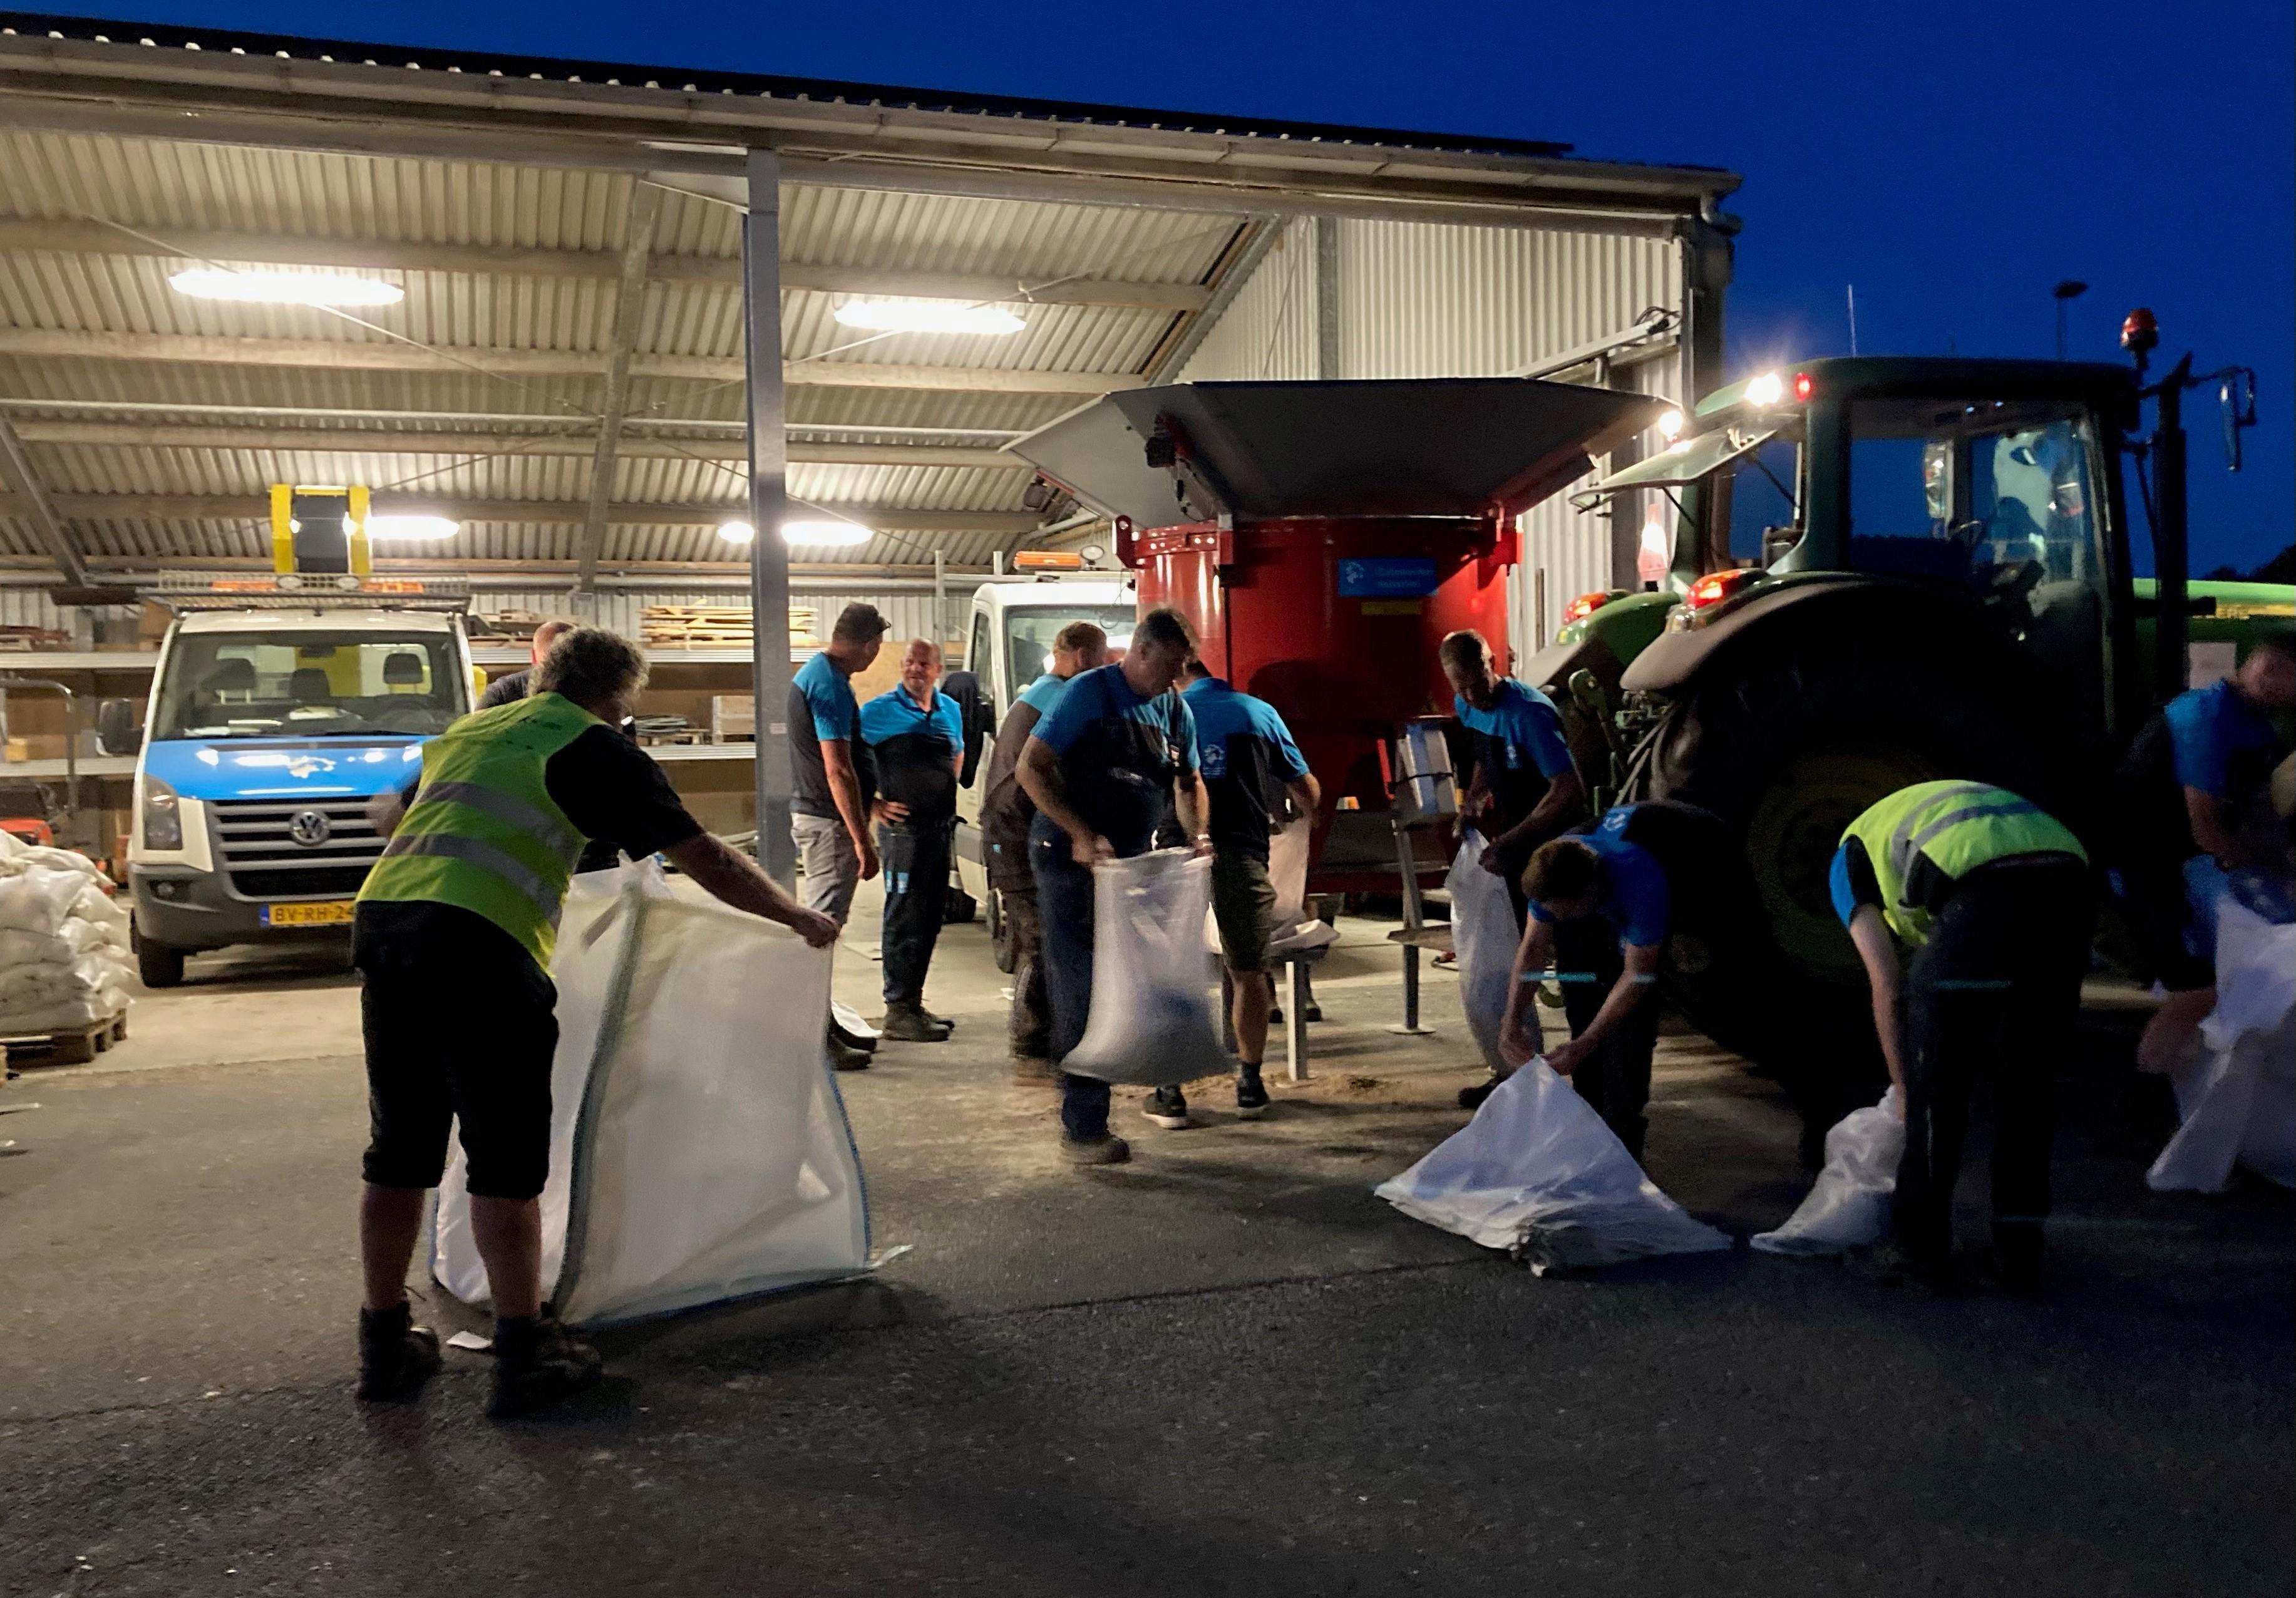 Hoogheemraadschap maakte nacht van zaterdag op zondag overuren: zandzakken vullen voor Limburg